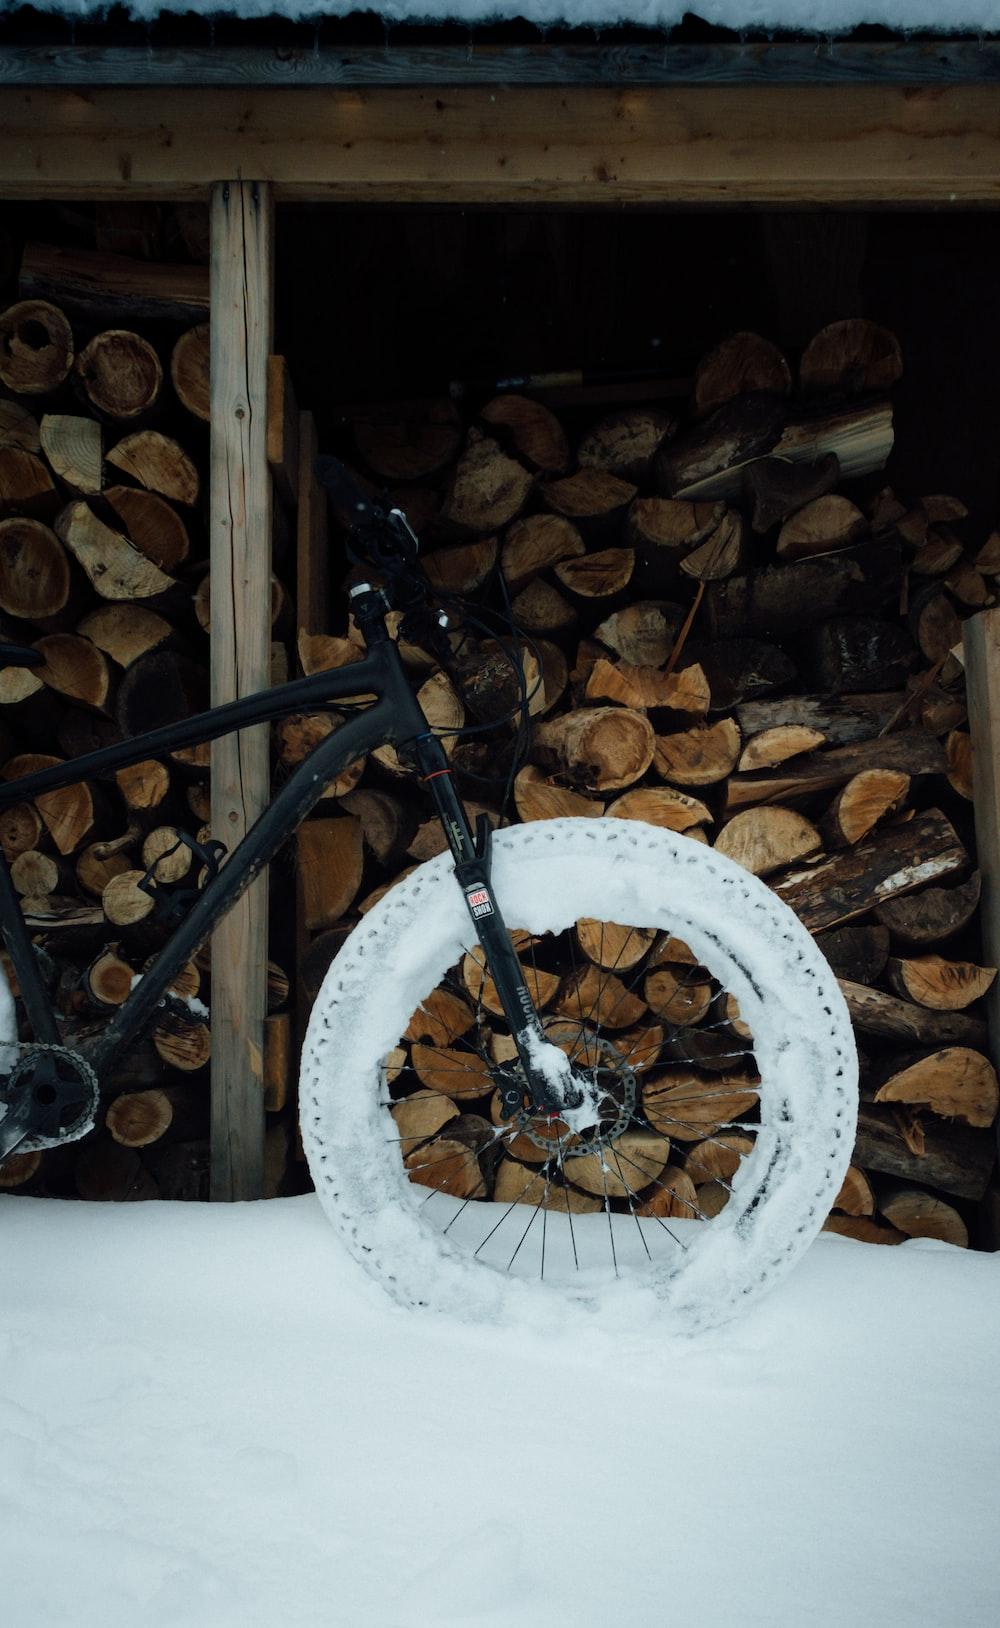 black bicycle wheel on white round textile